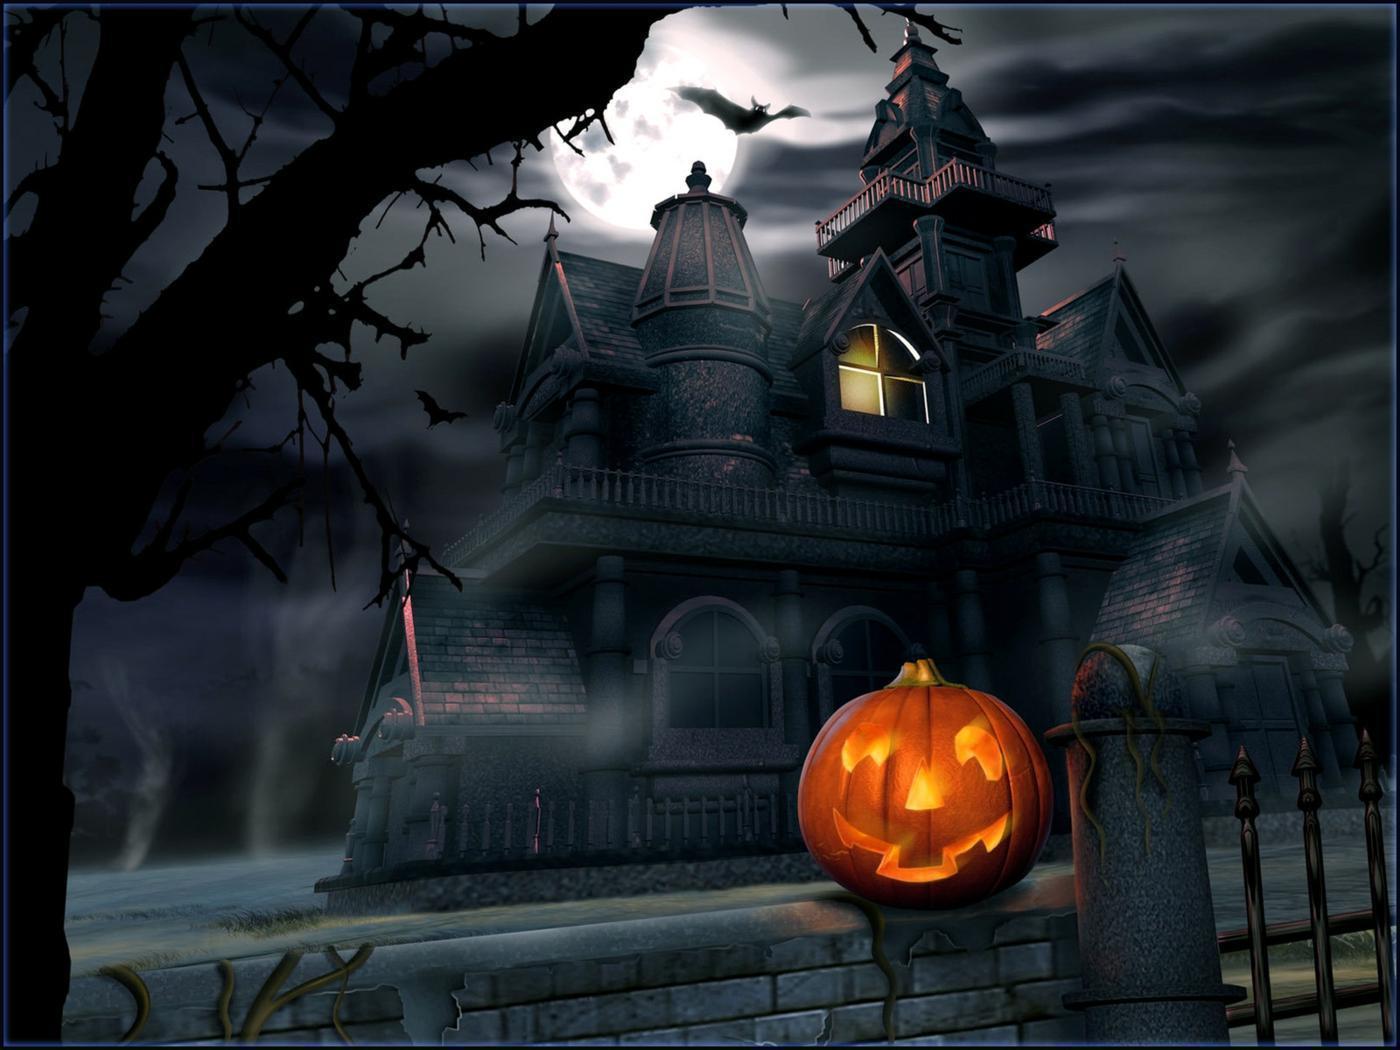 Halloween Desktop Wallpapers Free - Wallpaper Cave